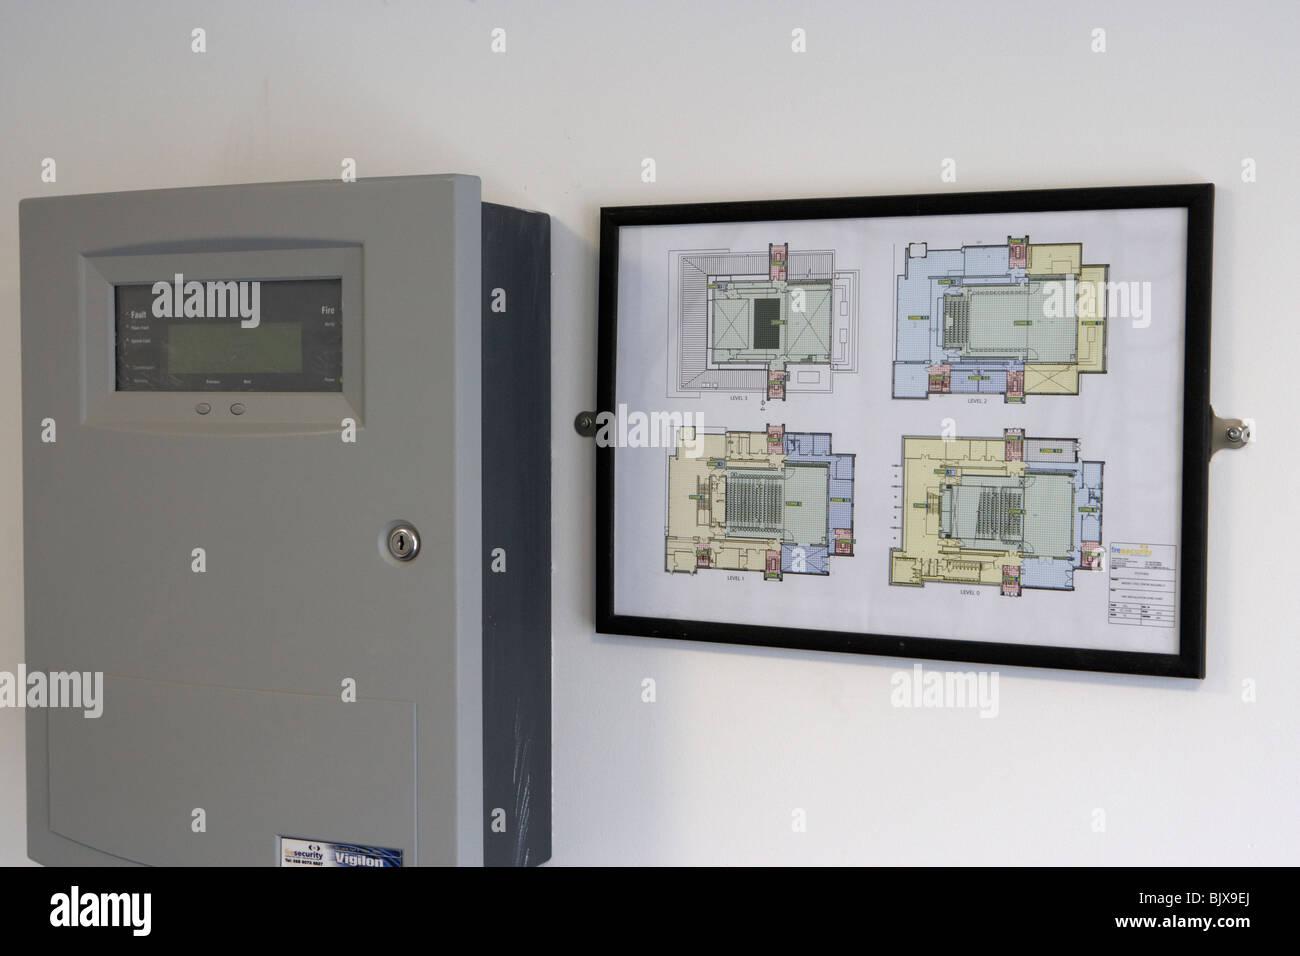 Panneau d'alarme incendie et des plans de disposition du bâtiment dans un bâtiment moderne Photo Stock